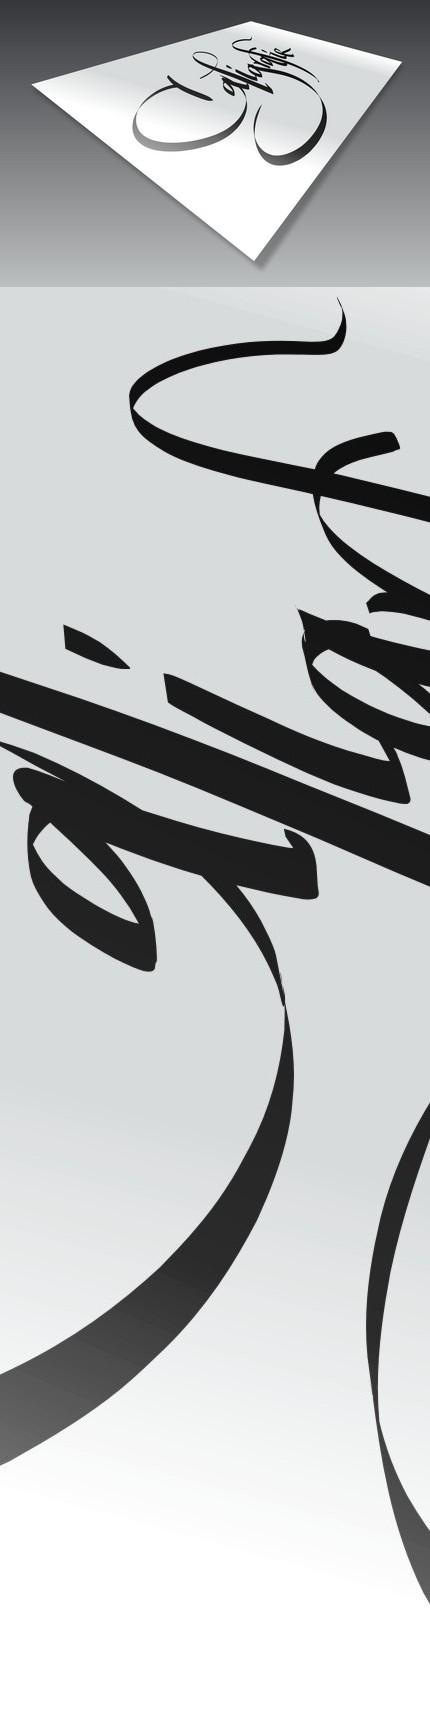 Perspectivă (în Corel Draw) - întreagă şi detaliu